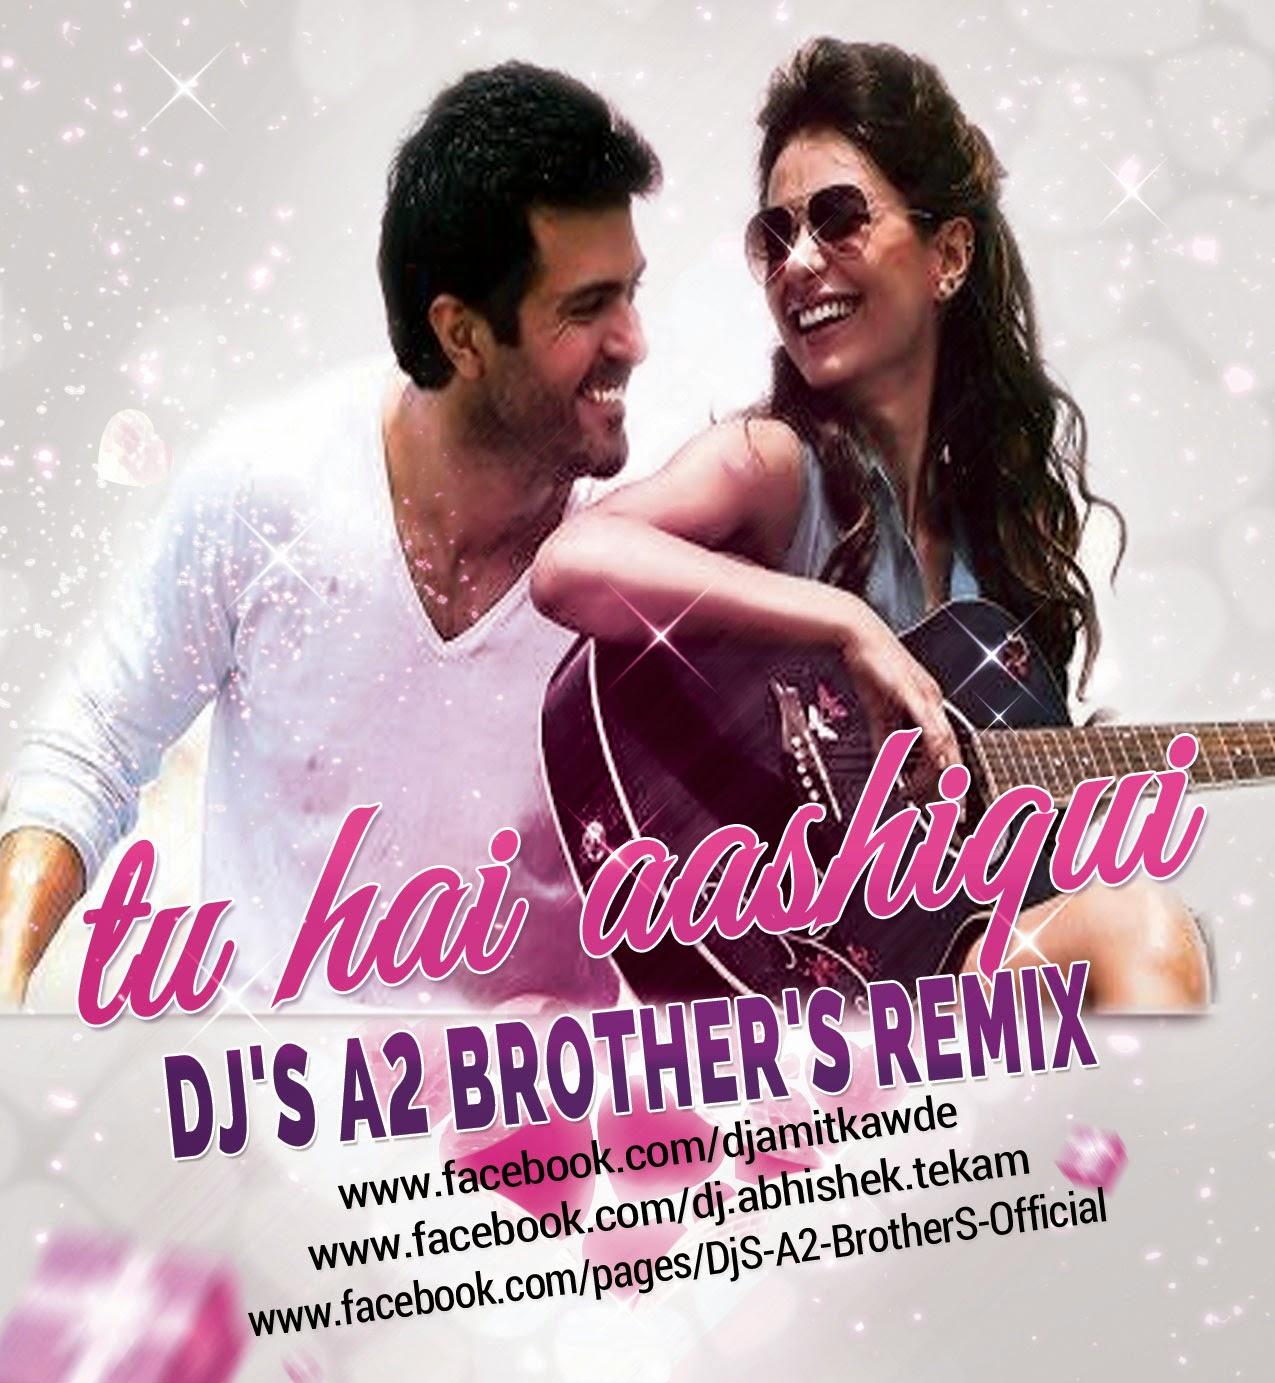 Bhagwa Rang Dj: Dj_S A2 Brother_s Mix